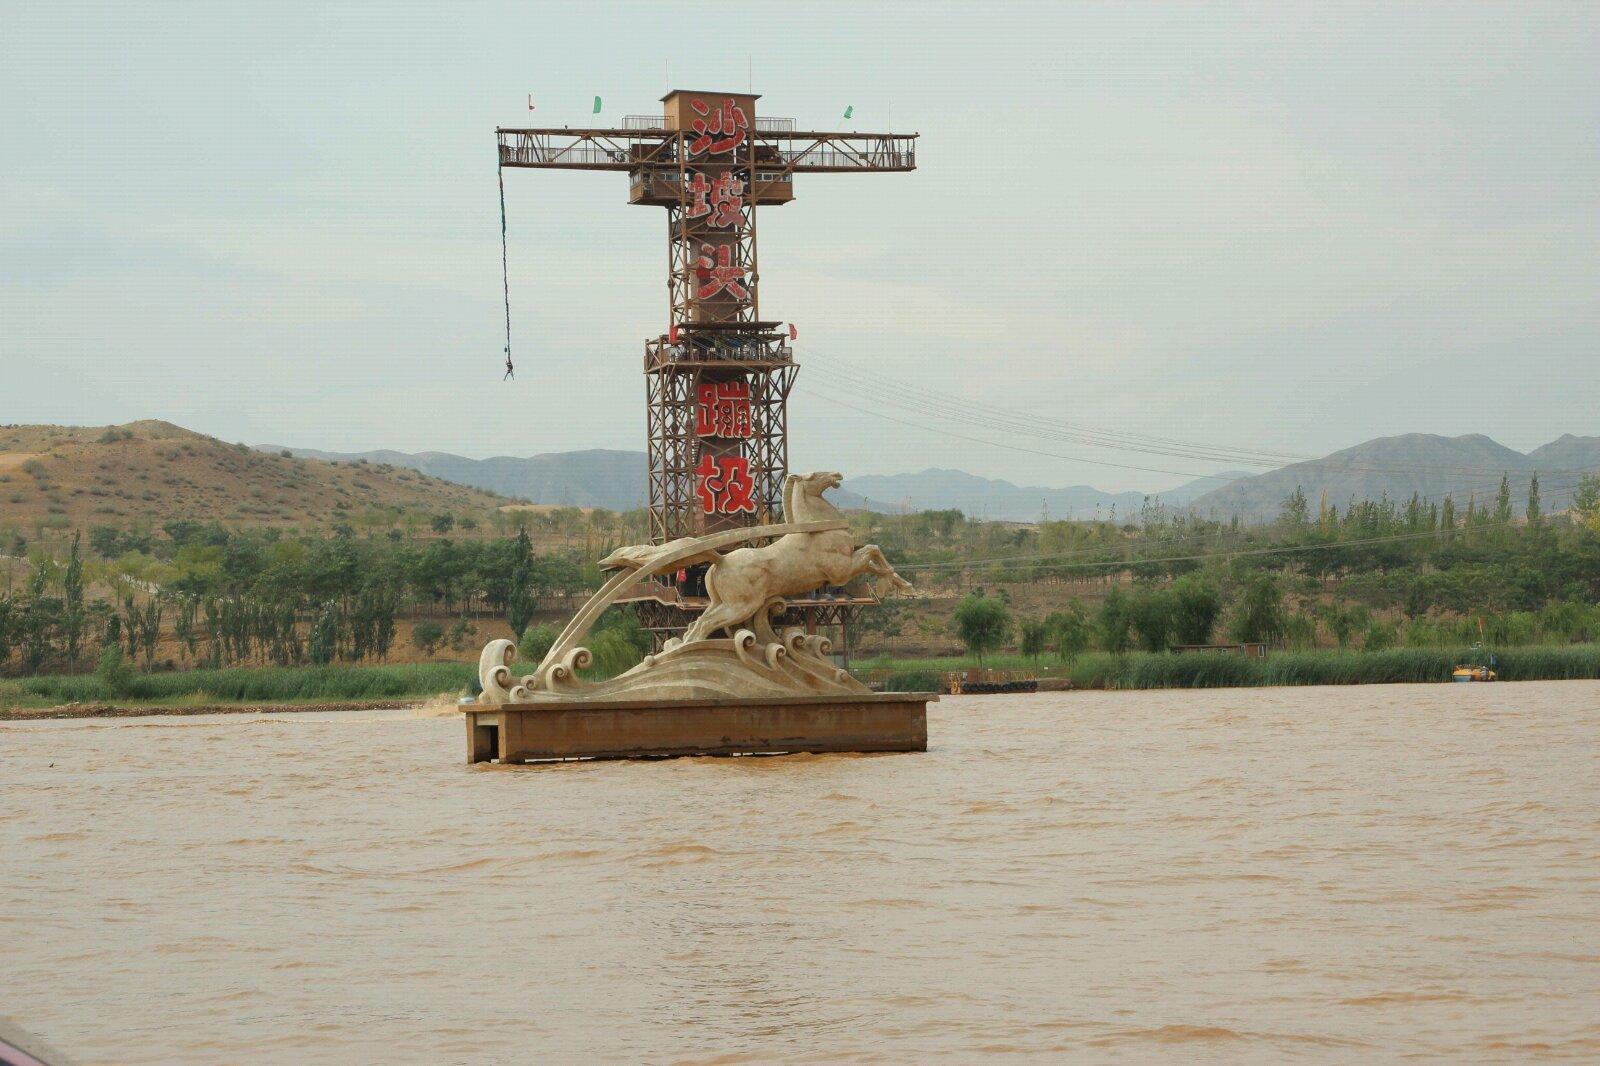 沙蹦极_黄河边蹦极,索道飞跃黄河的飞黄腾达,长距离滑沙等,还是非常刺激的